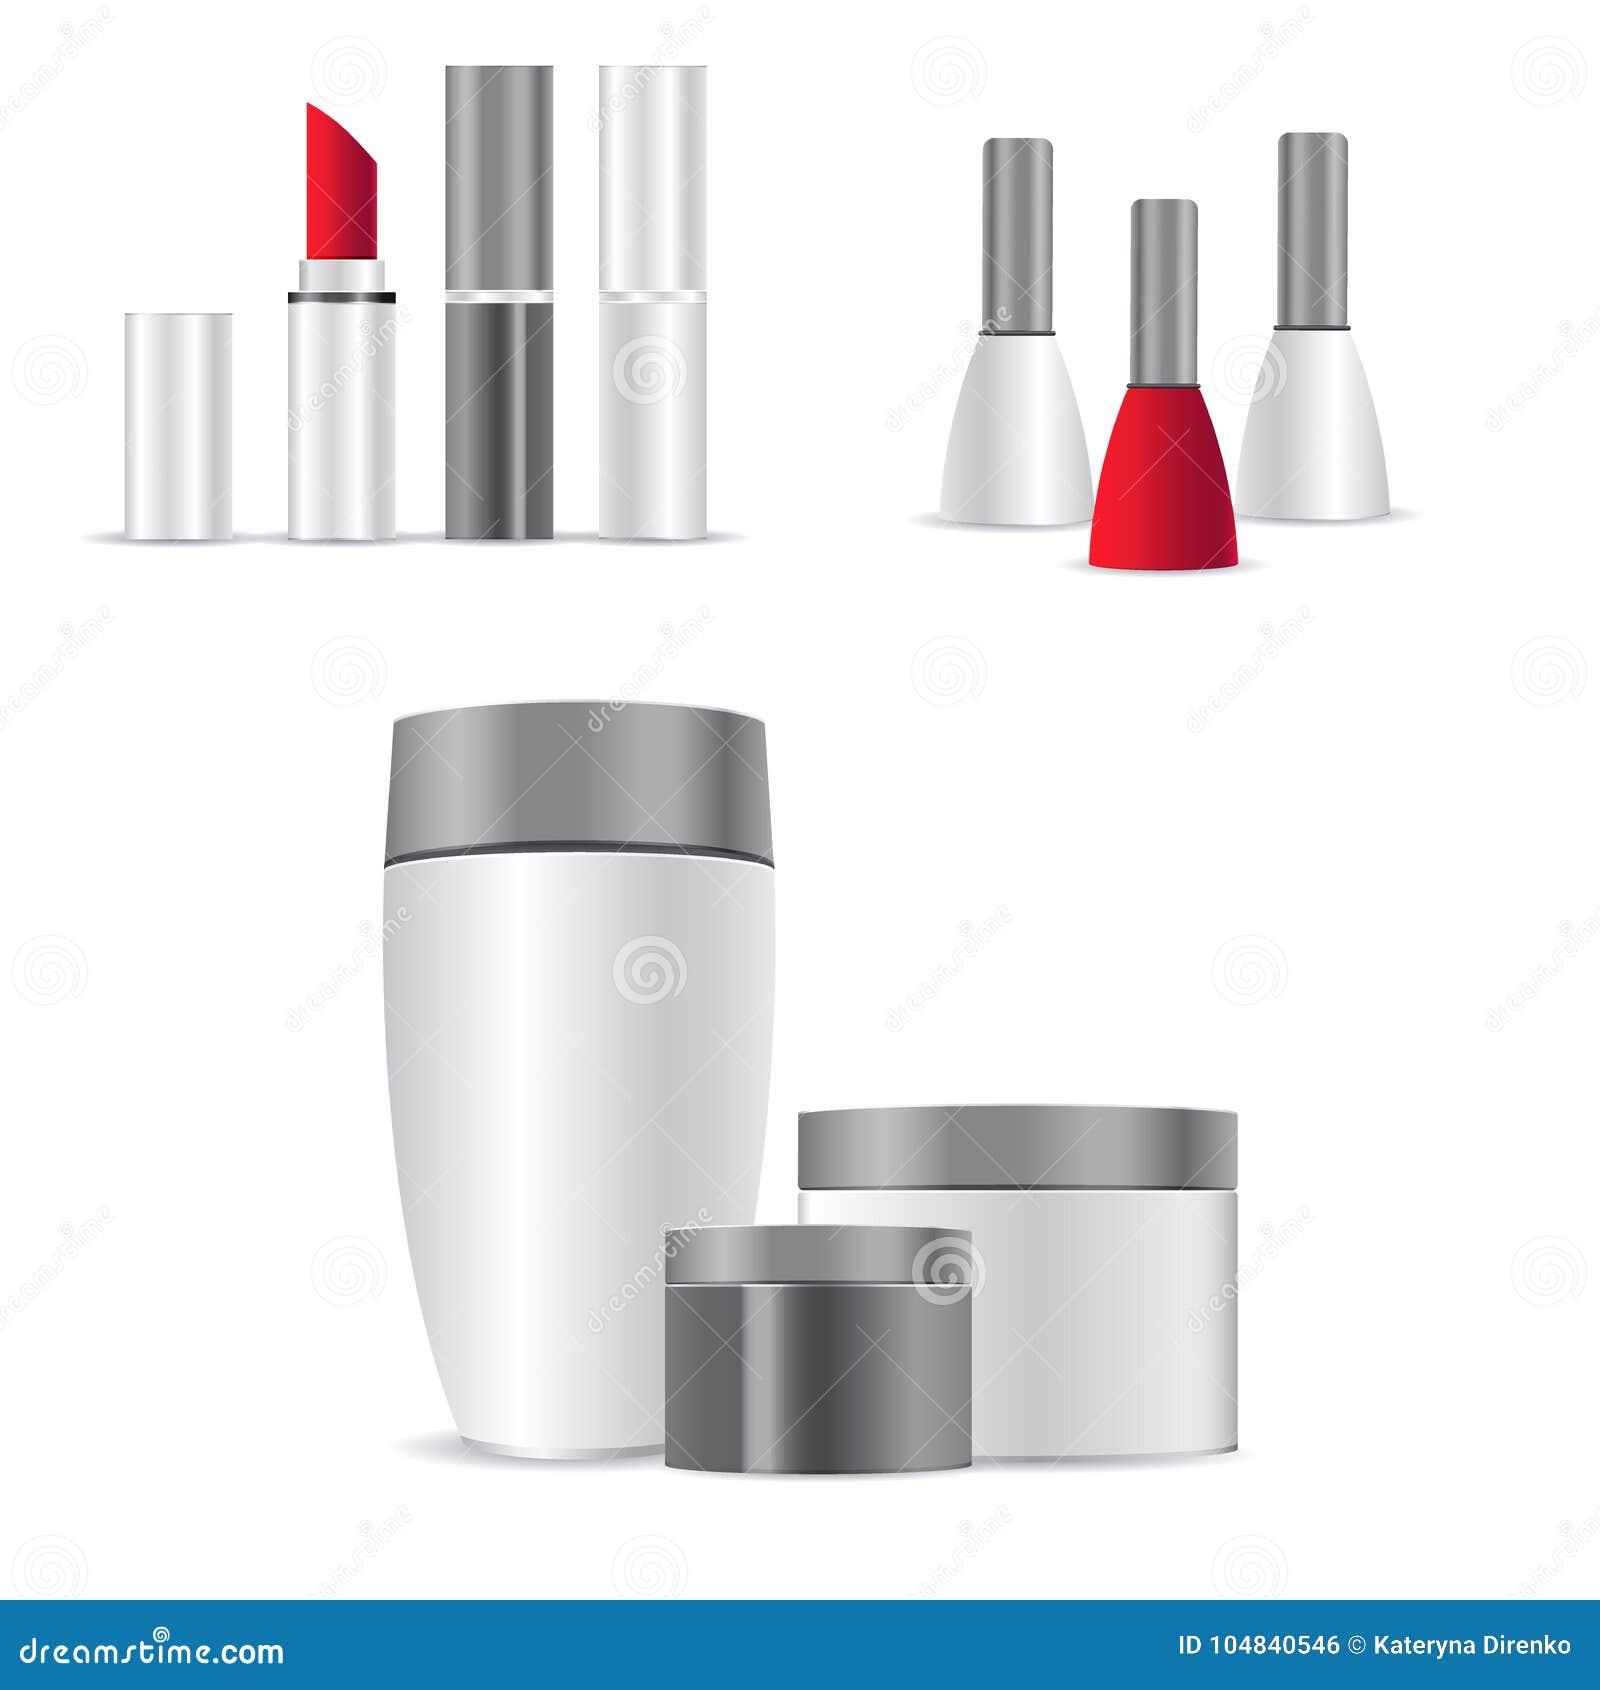 Recipiente e tubo de creme cosméticos brancos realísticos para o creme, pomada, dentífrico, zombaria da loção acima da garrafa